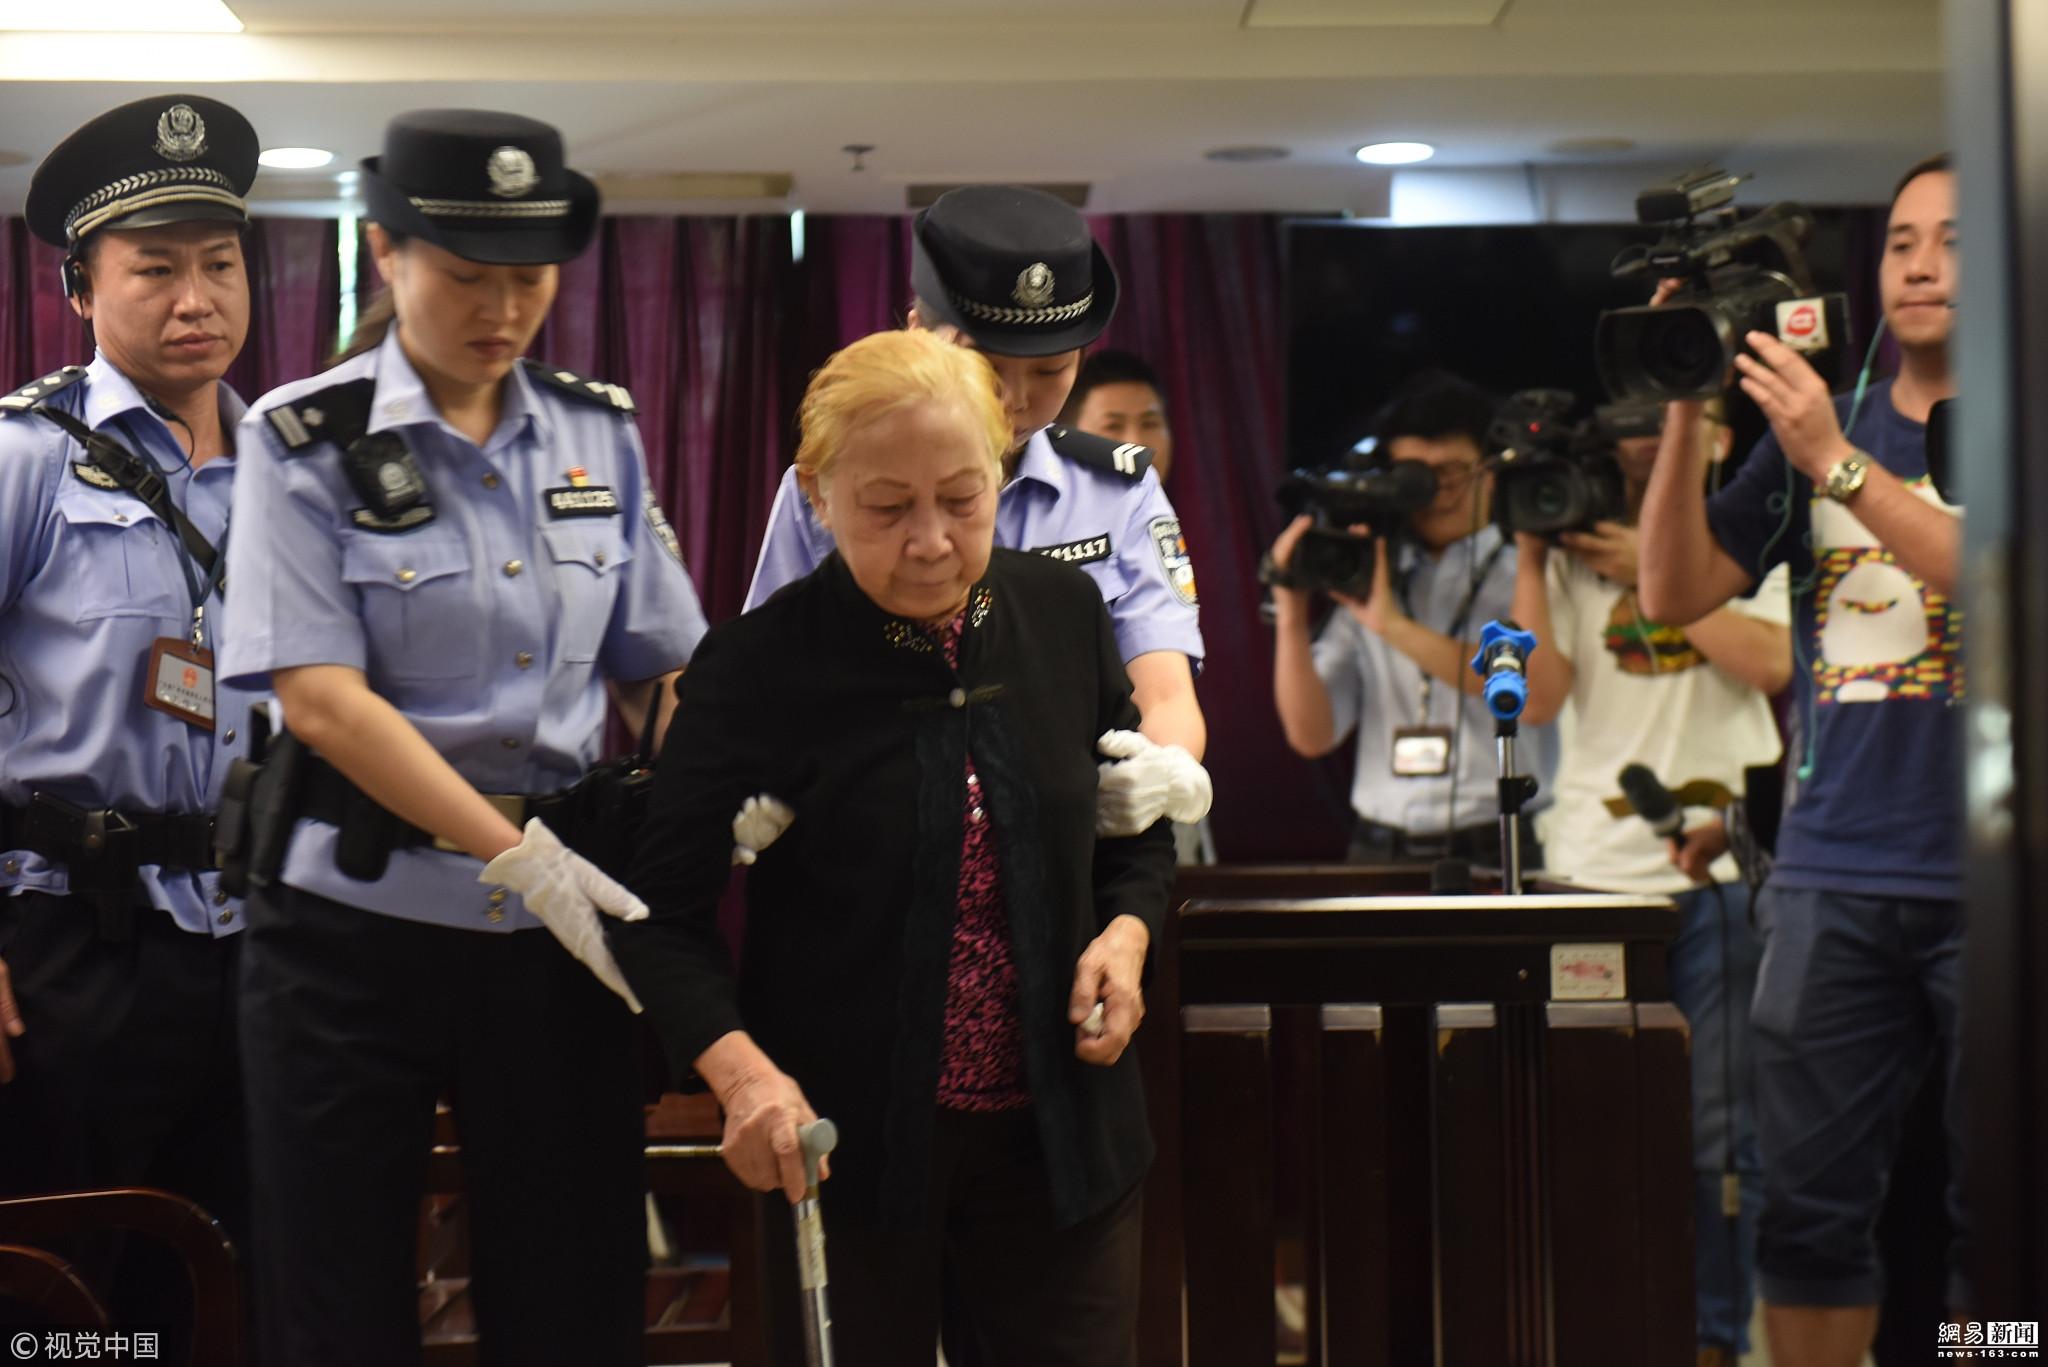 恐自己不久于人世 老母含泪杀死智障儿 - 周公乐 - xinhua8848 的博客